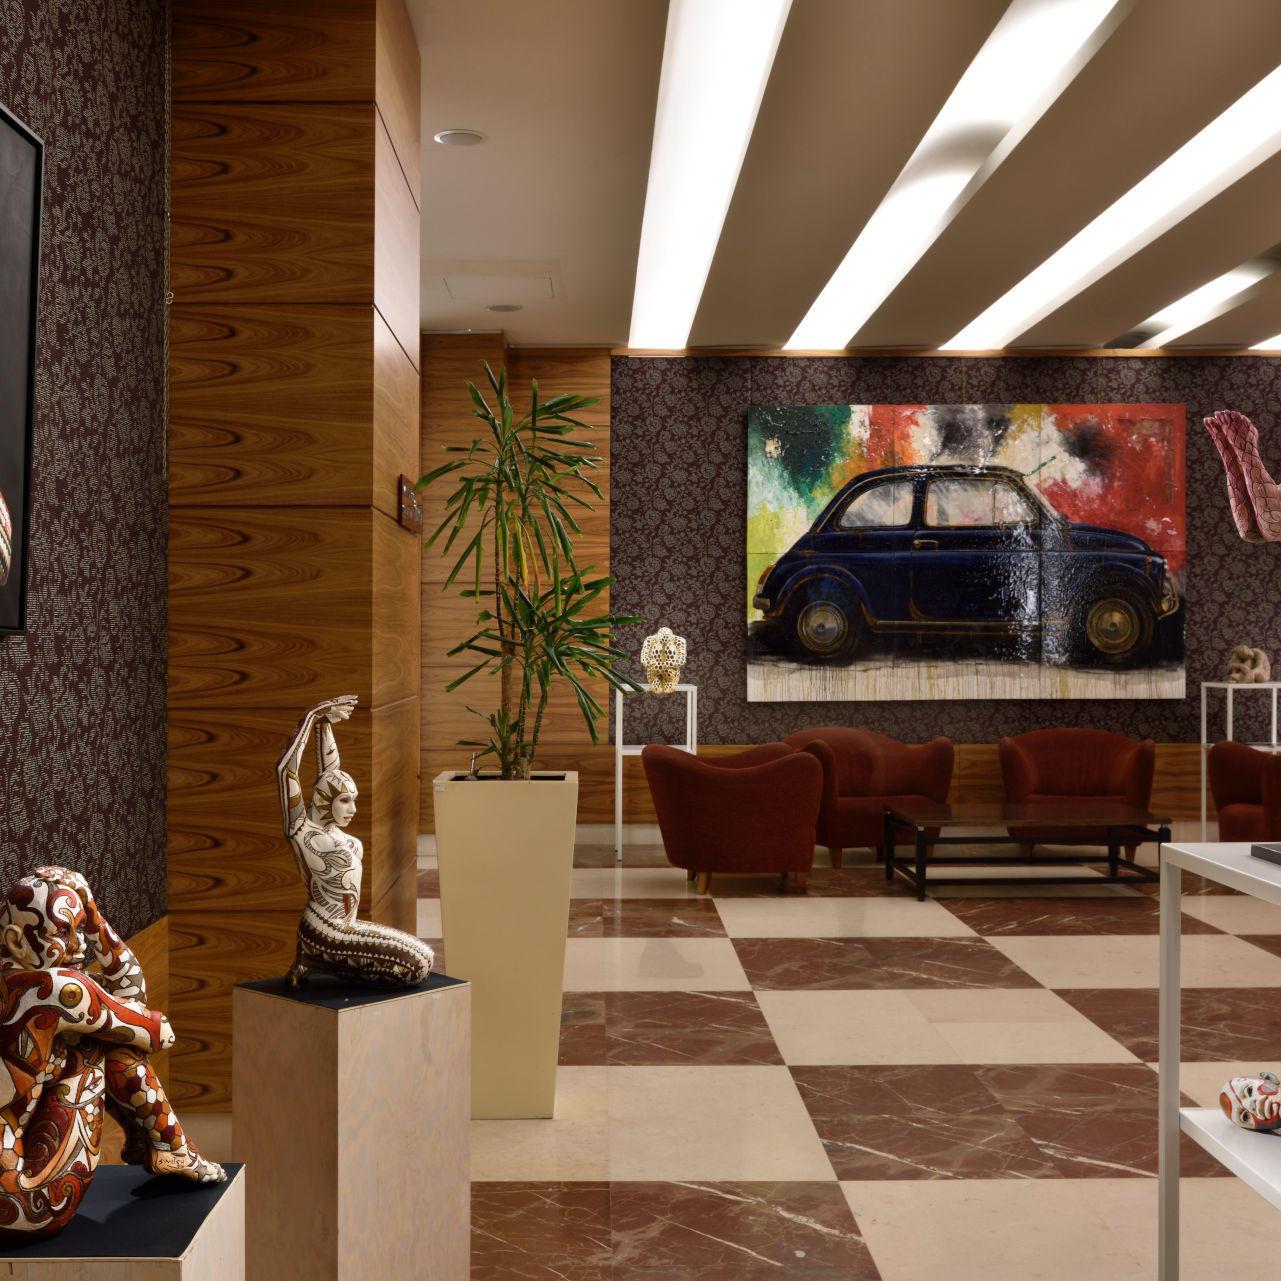 Elegante hall per un'accoglienza unicamente italiana.